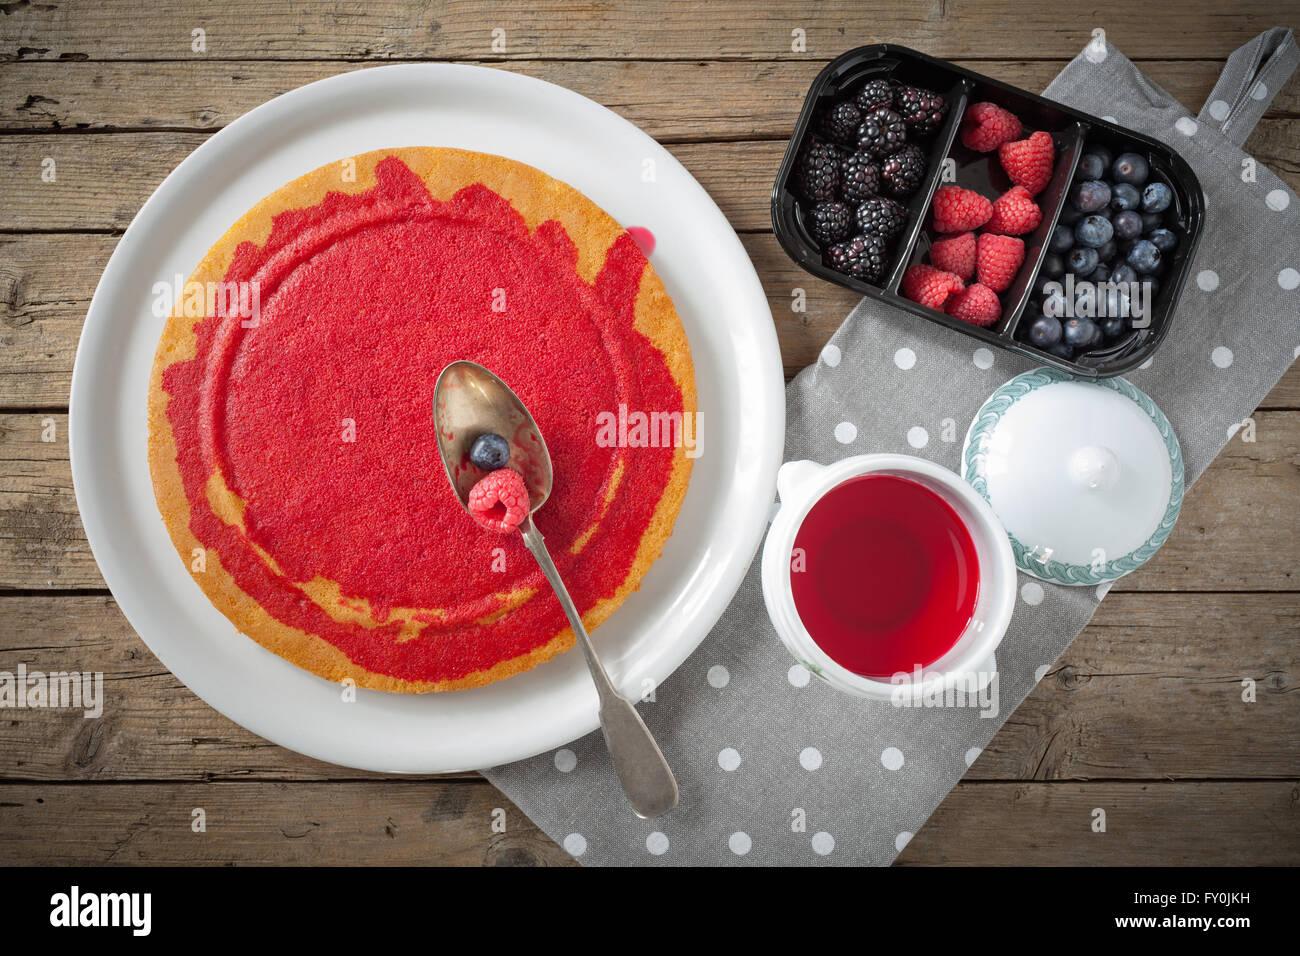 Sponge Cake Moisten With Liquor Stock Photo